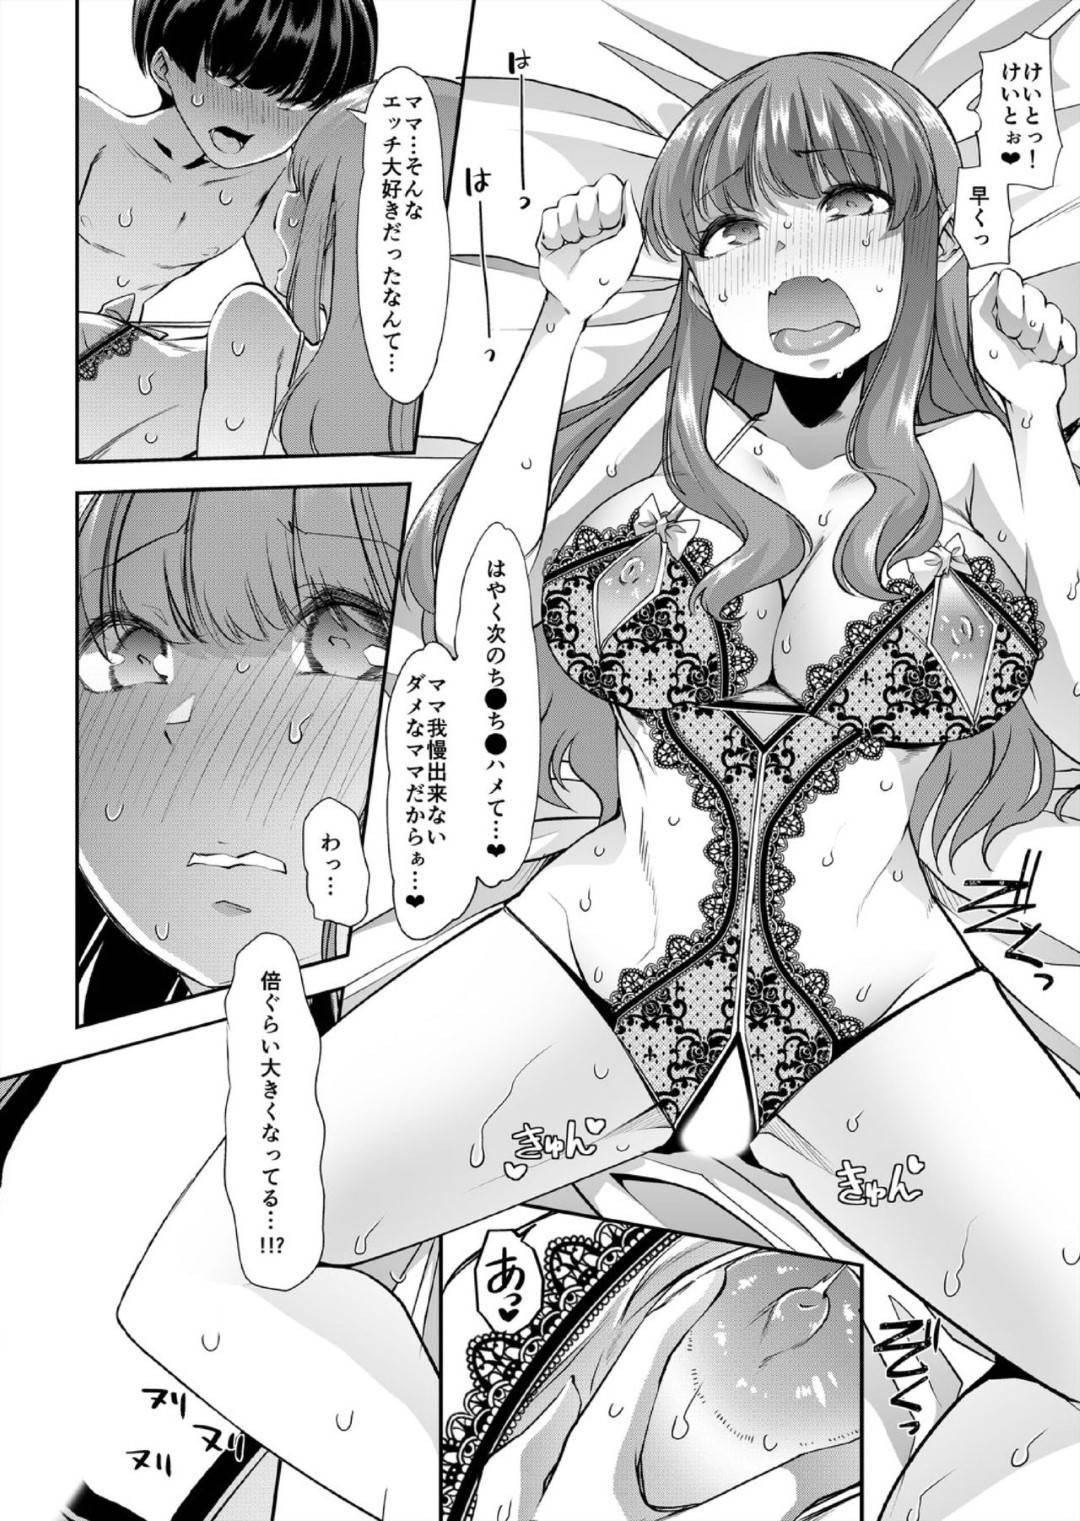 【エロ漫画】幼馴染の主人公と母親をスワッピングすることになった少年…彼は幼馴染の母を服従させるようにフェラさせ、騎乗位で生挿入セックス。その後は立ちバックでガン突きしまくってアクメ絶頂させるのだった。【ごや:ママはセフレ-僕は友達のお母さんとセックスをする 第二話】